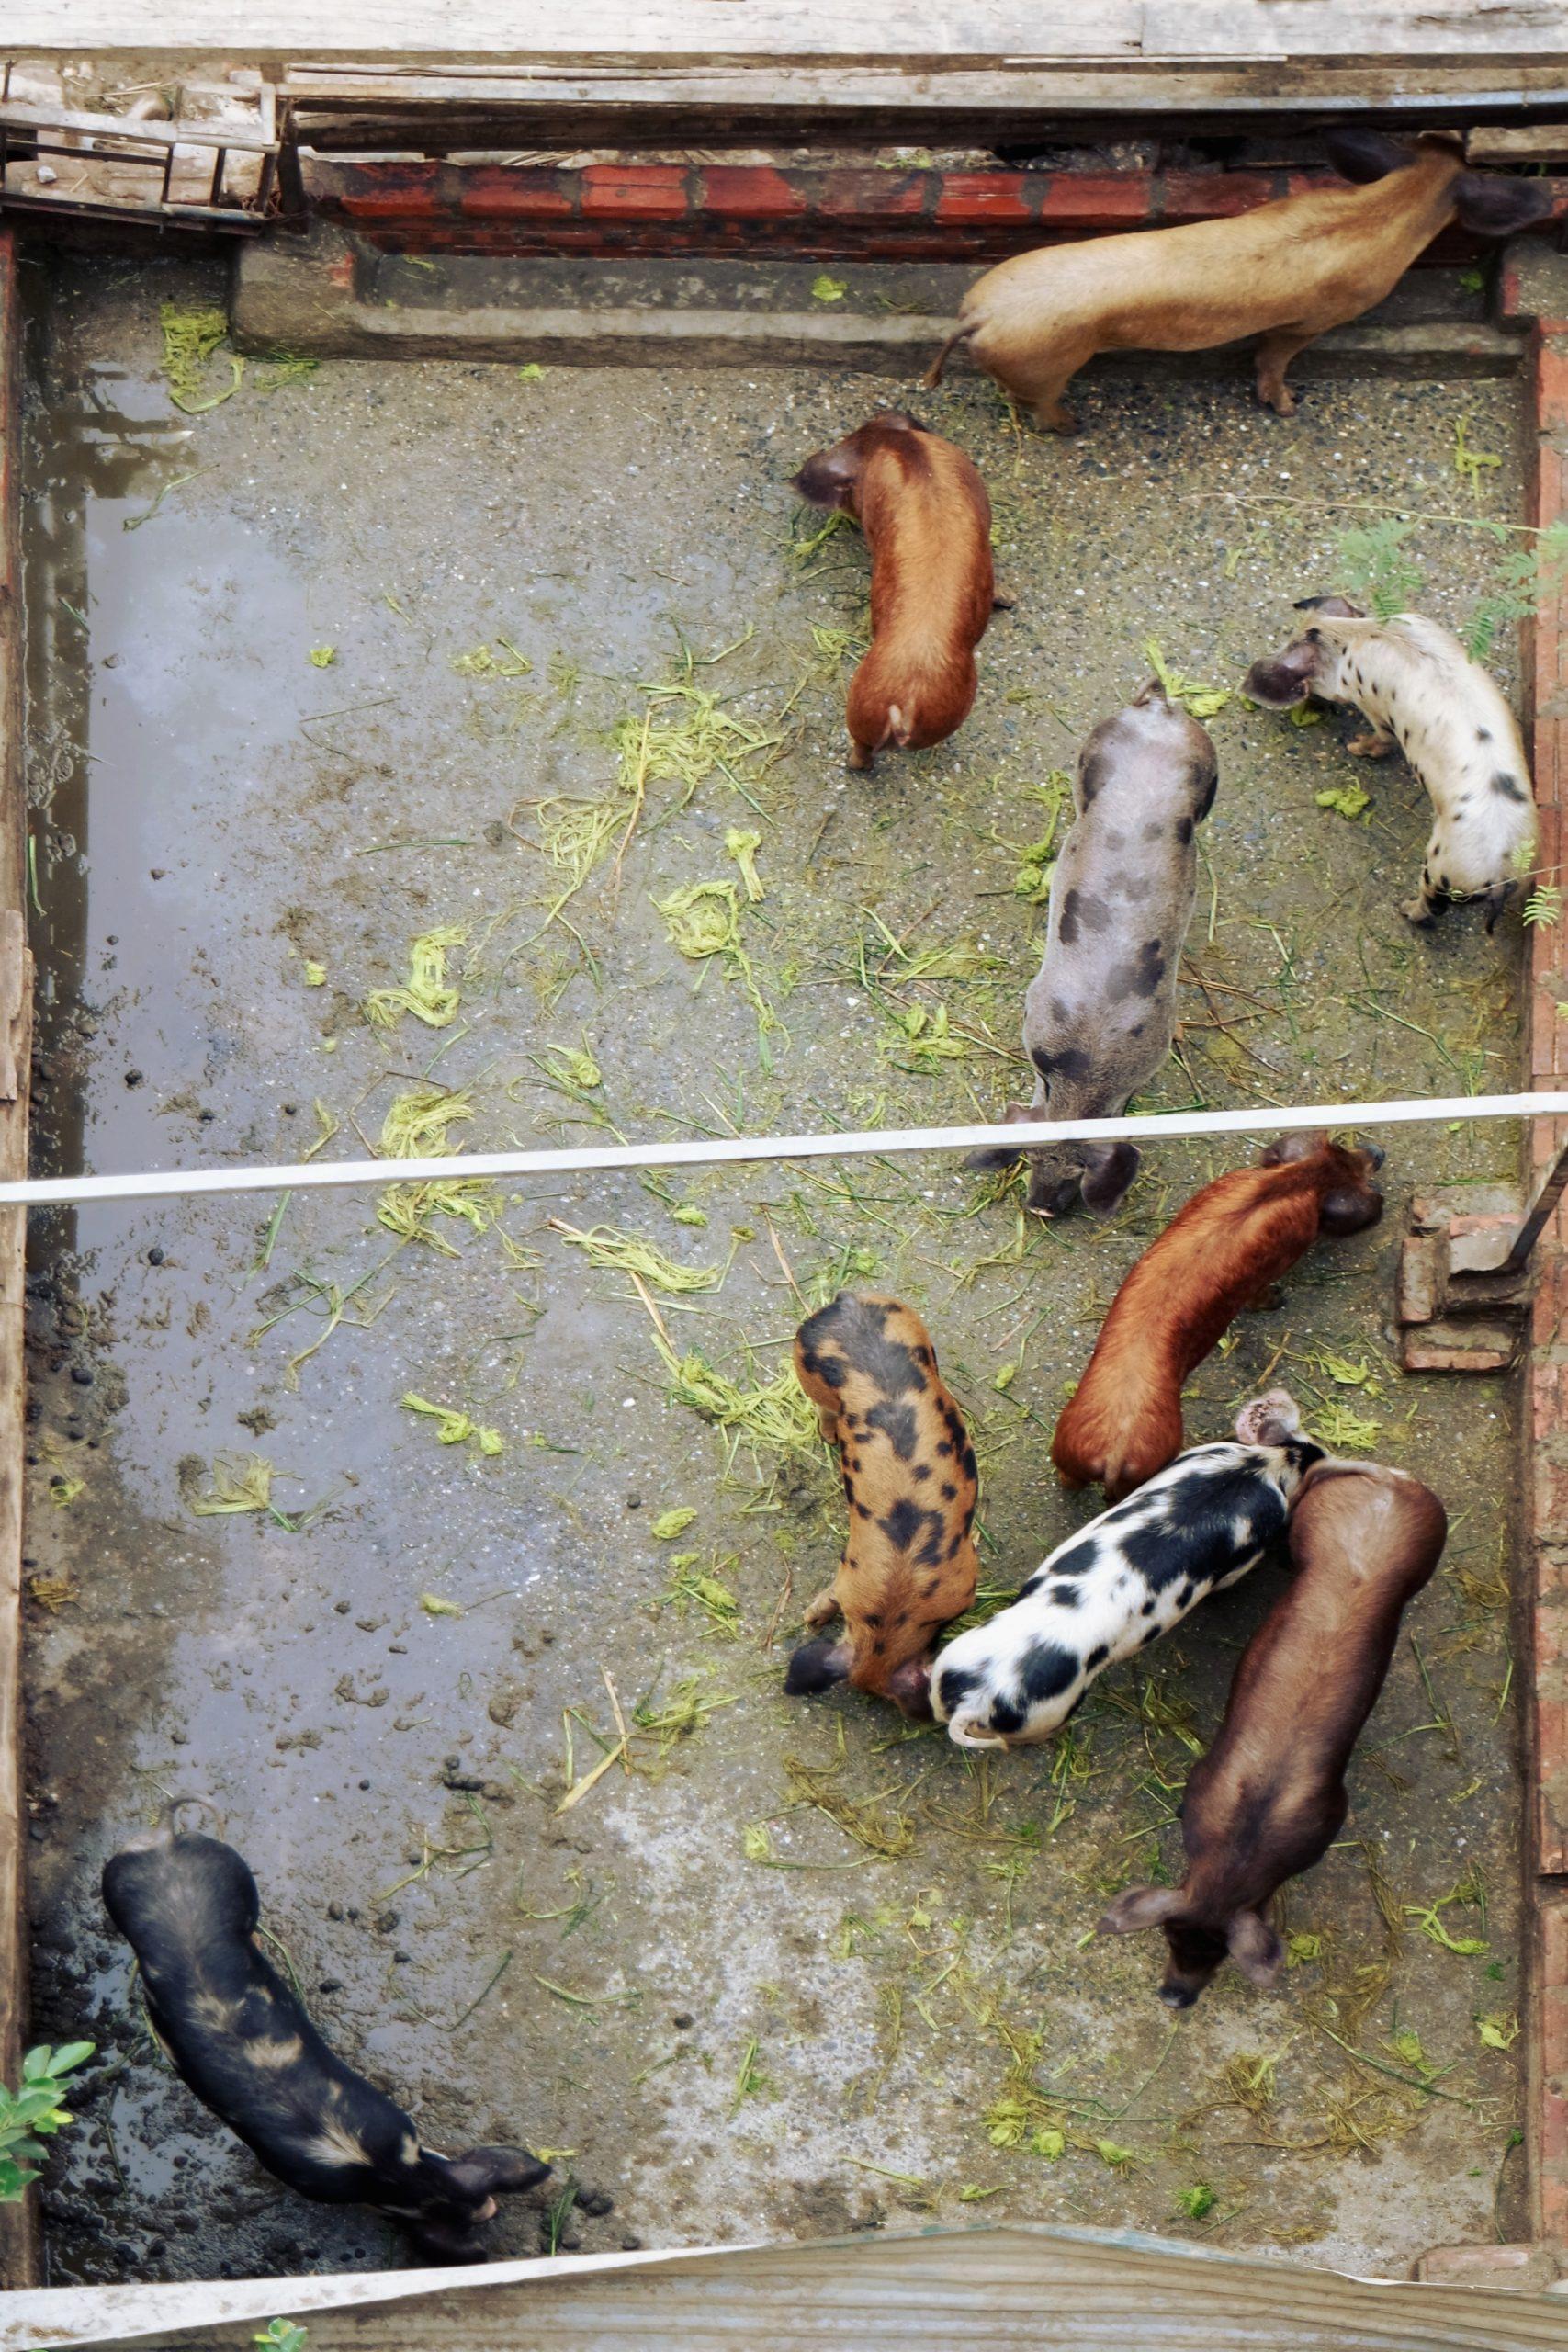 La Fondation pour la Recherche Alimentation et l'Agriculture (FFAR) investit dans le bien-être animal en améliorant l'environnement des élevages de porcs